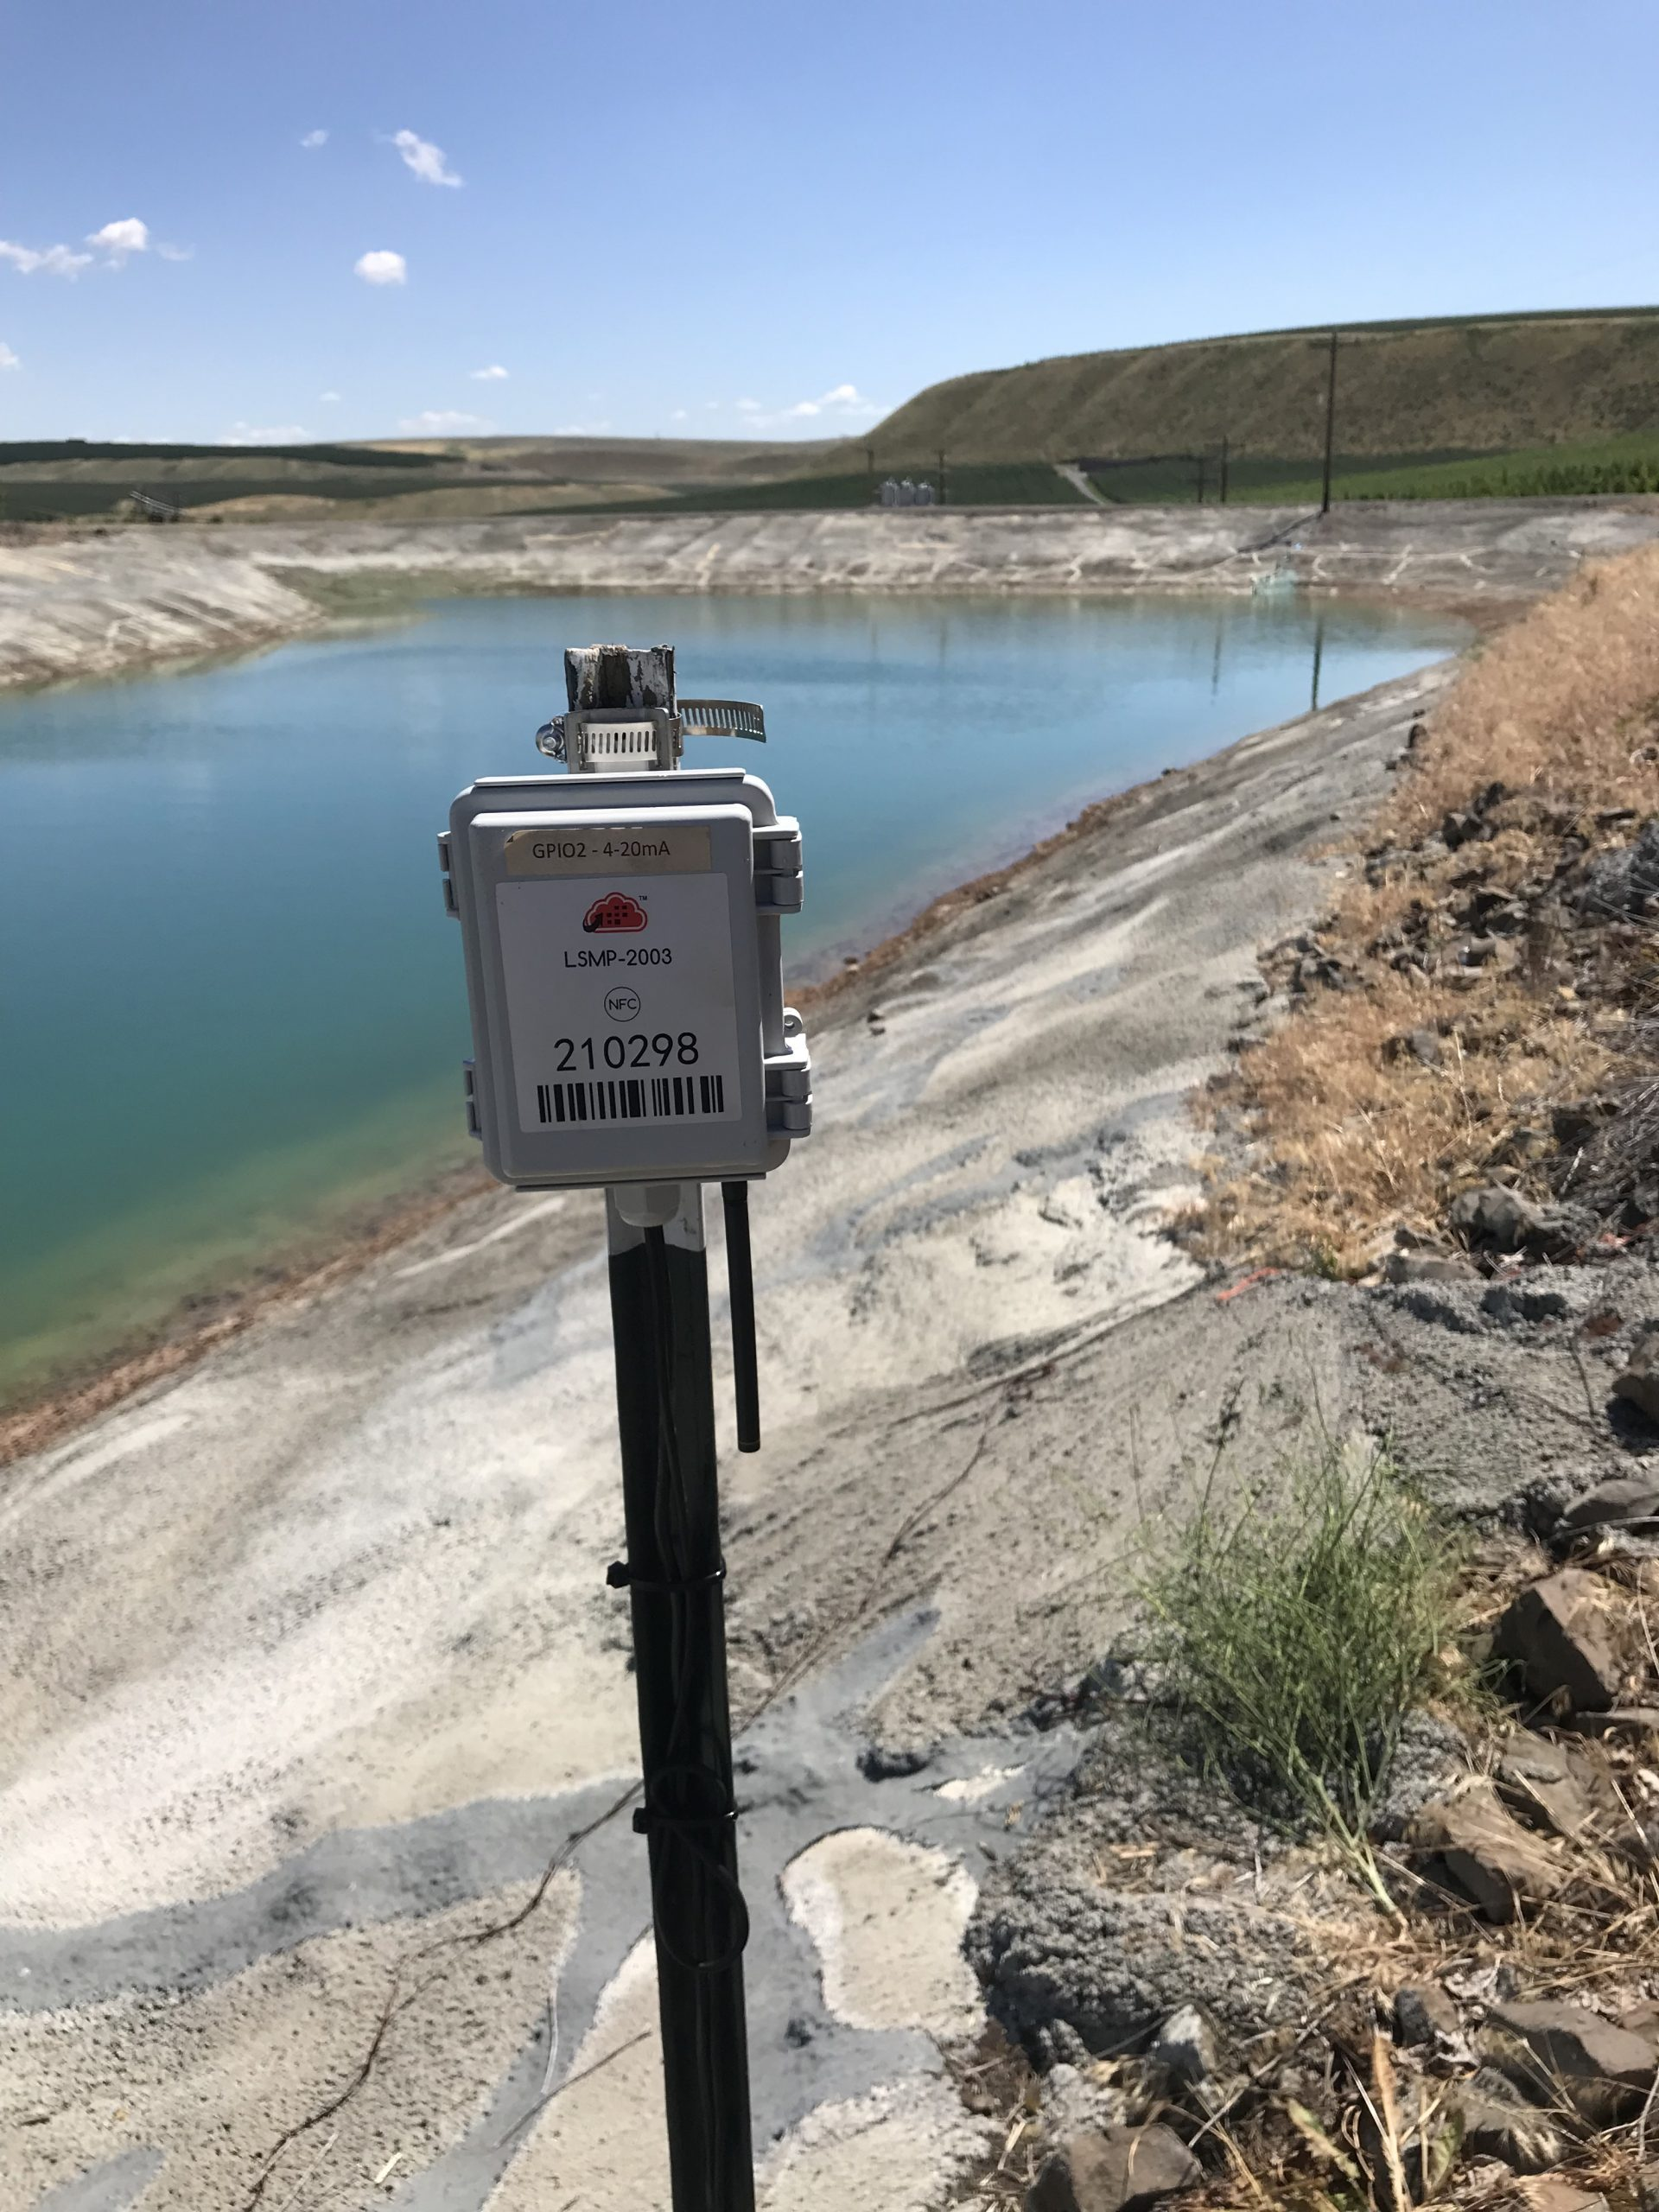 Zenseio Pond Level Monitoring